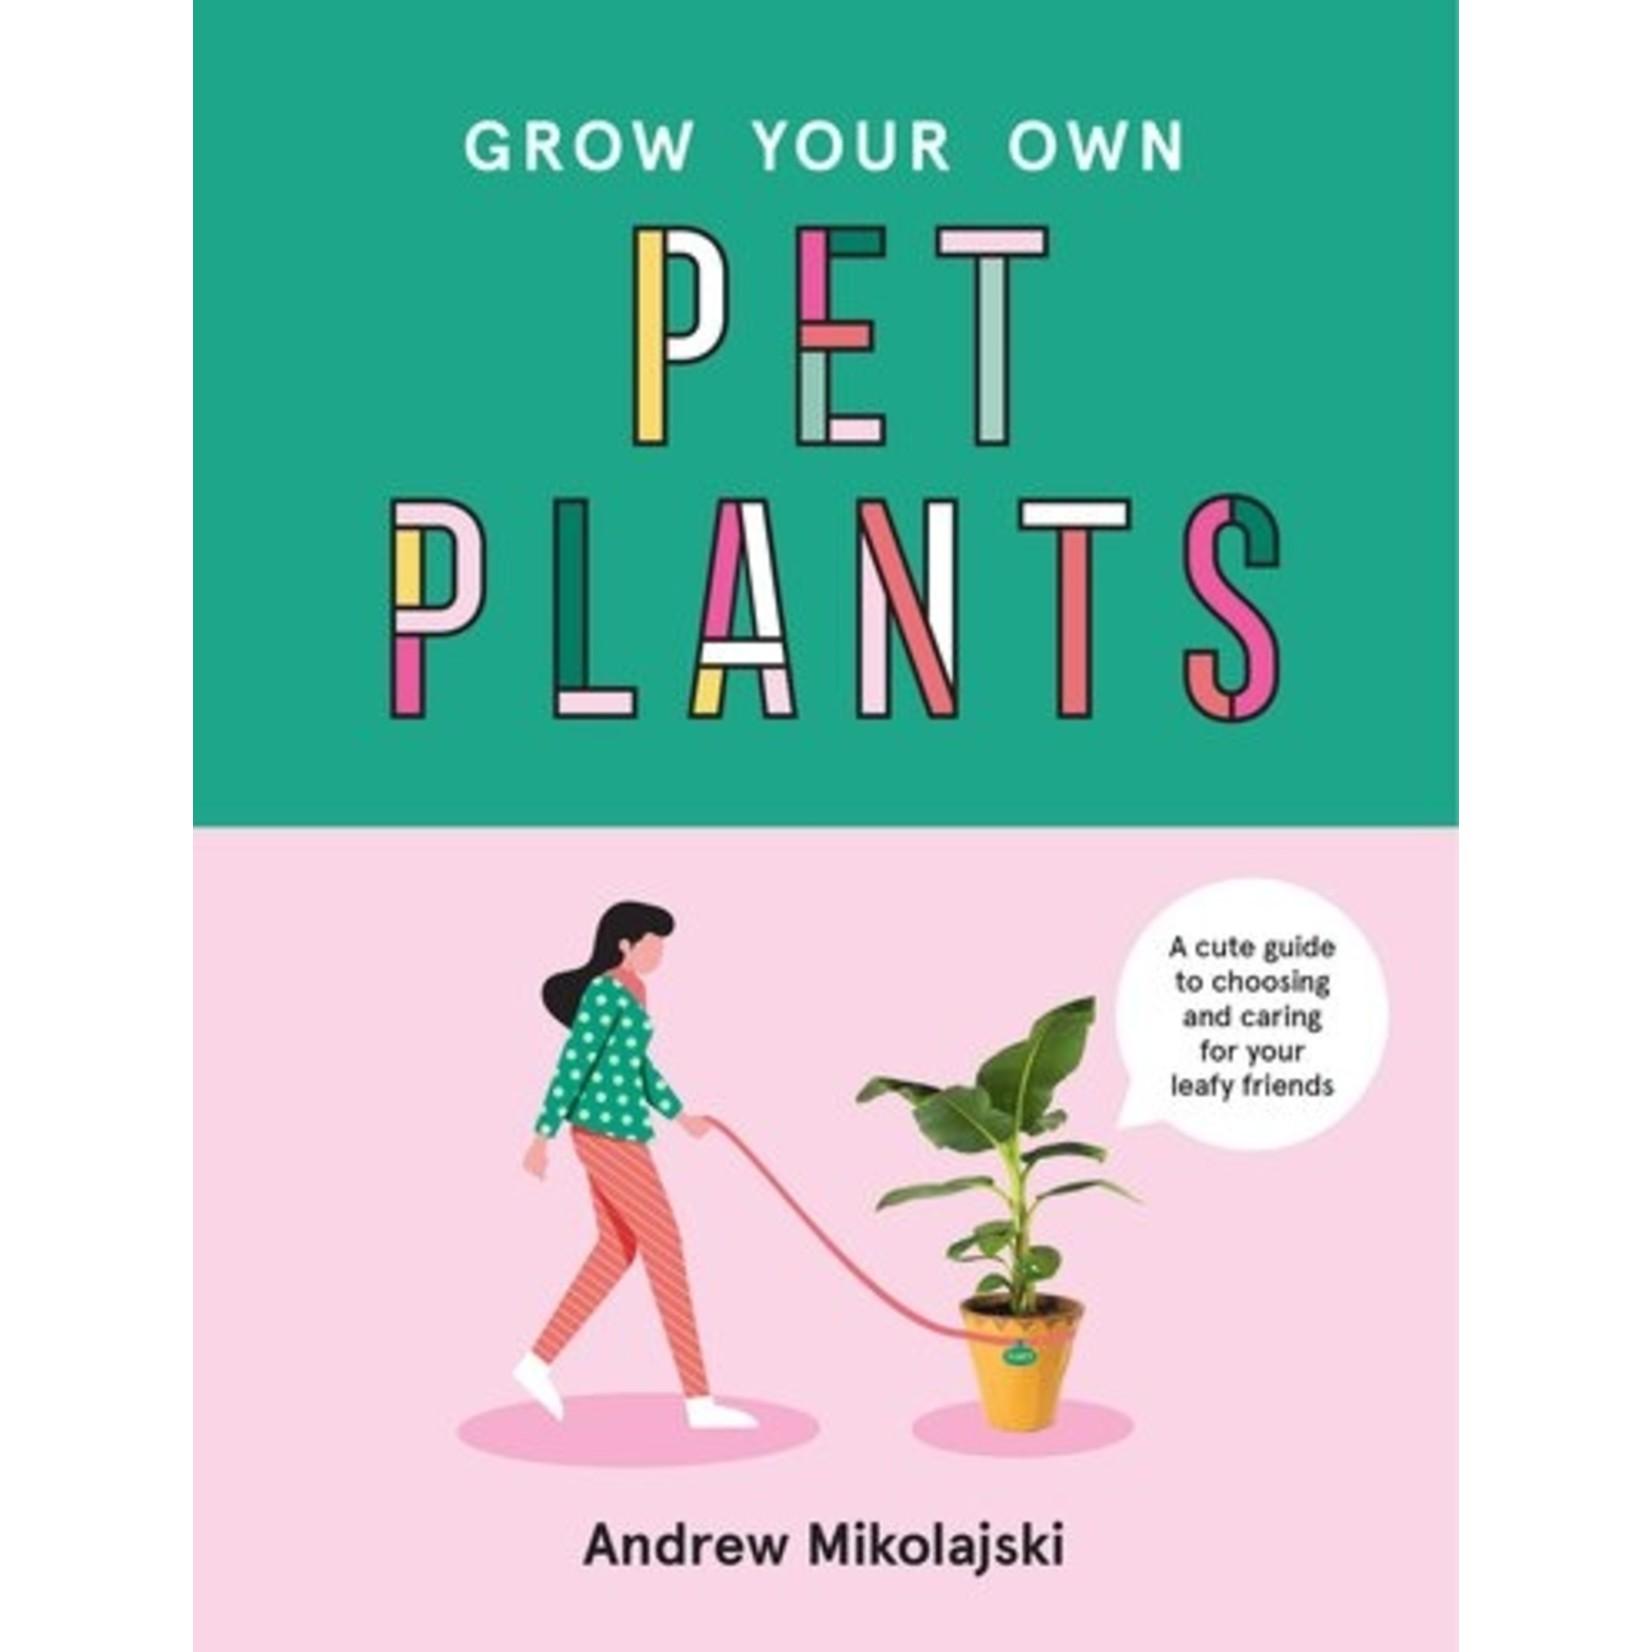 PENGUIN GROW YOUR OWN PET PLANTS